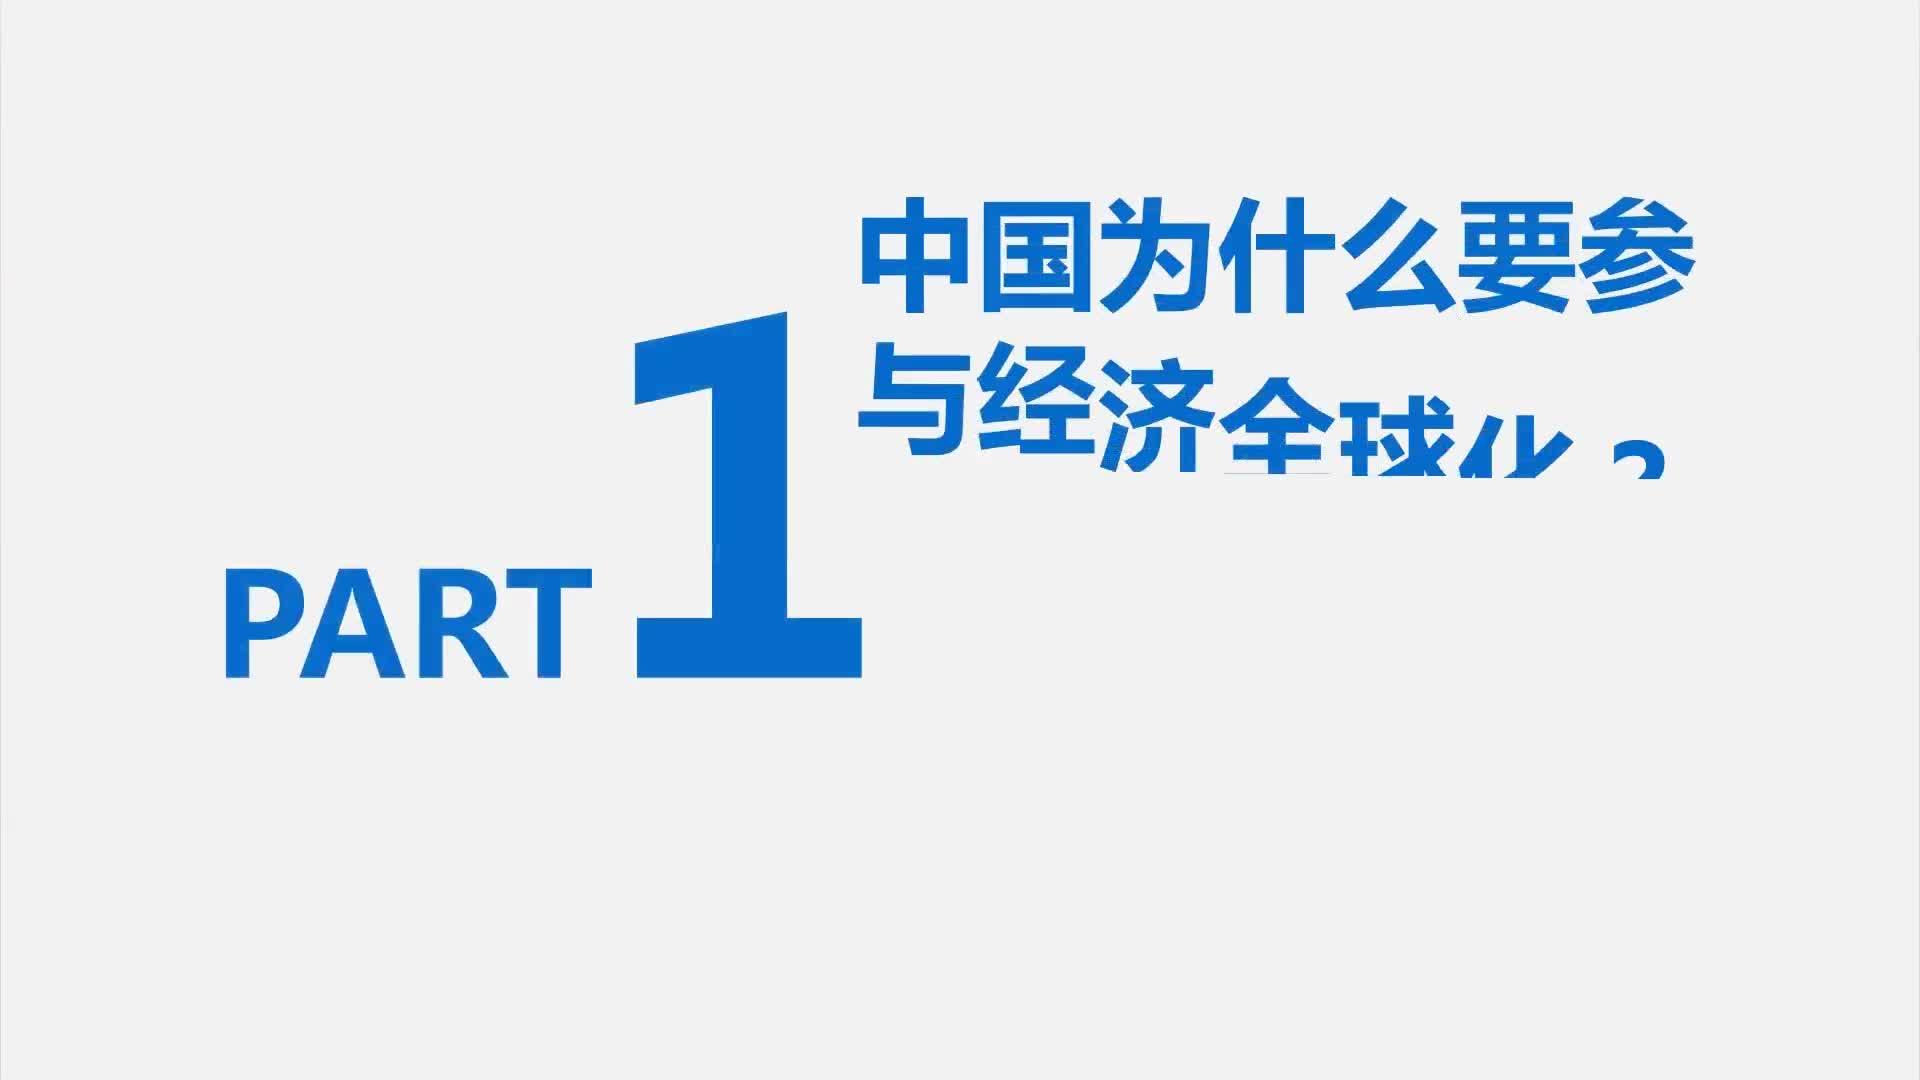 本课时为人教版必修一经济生活第四单元的综合探究的知识,在学习完本单元后要对中国参与经济全球化历程以及现状做出一些基础的了解与认知